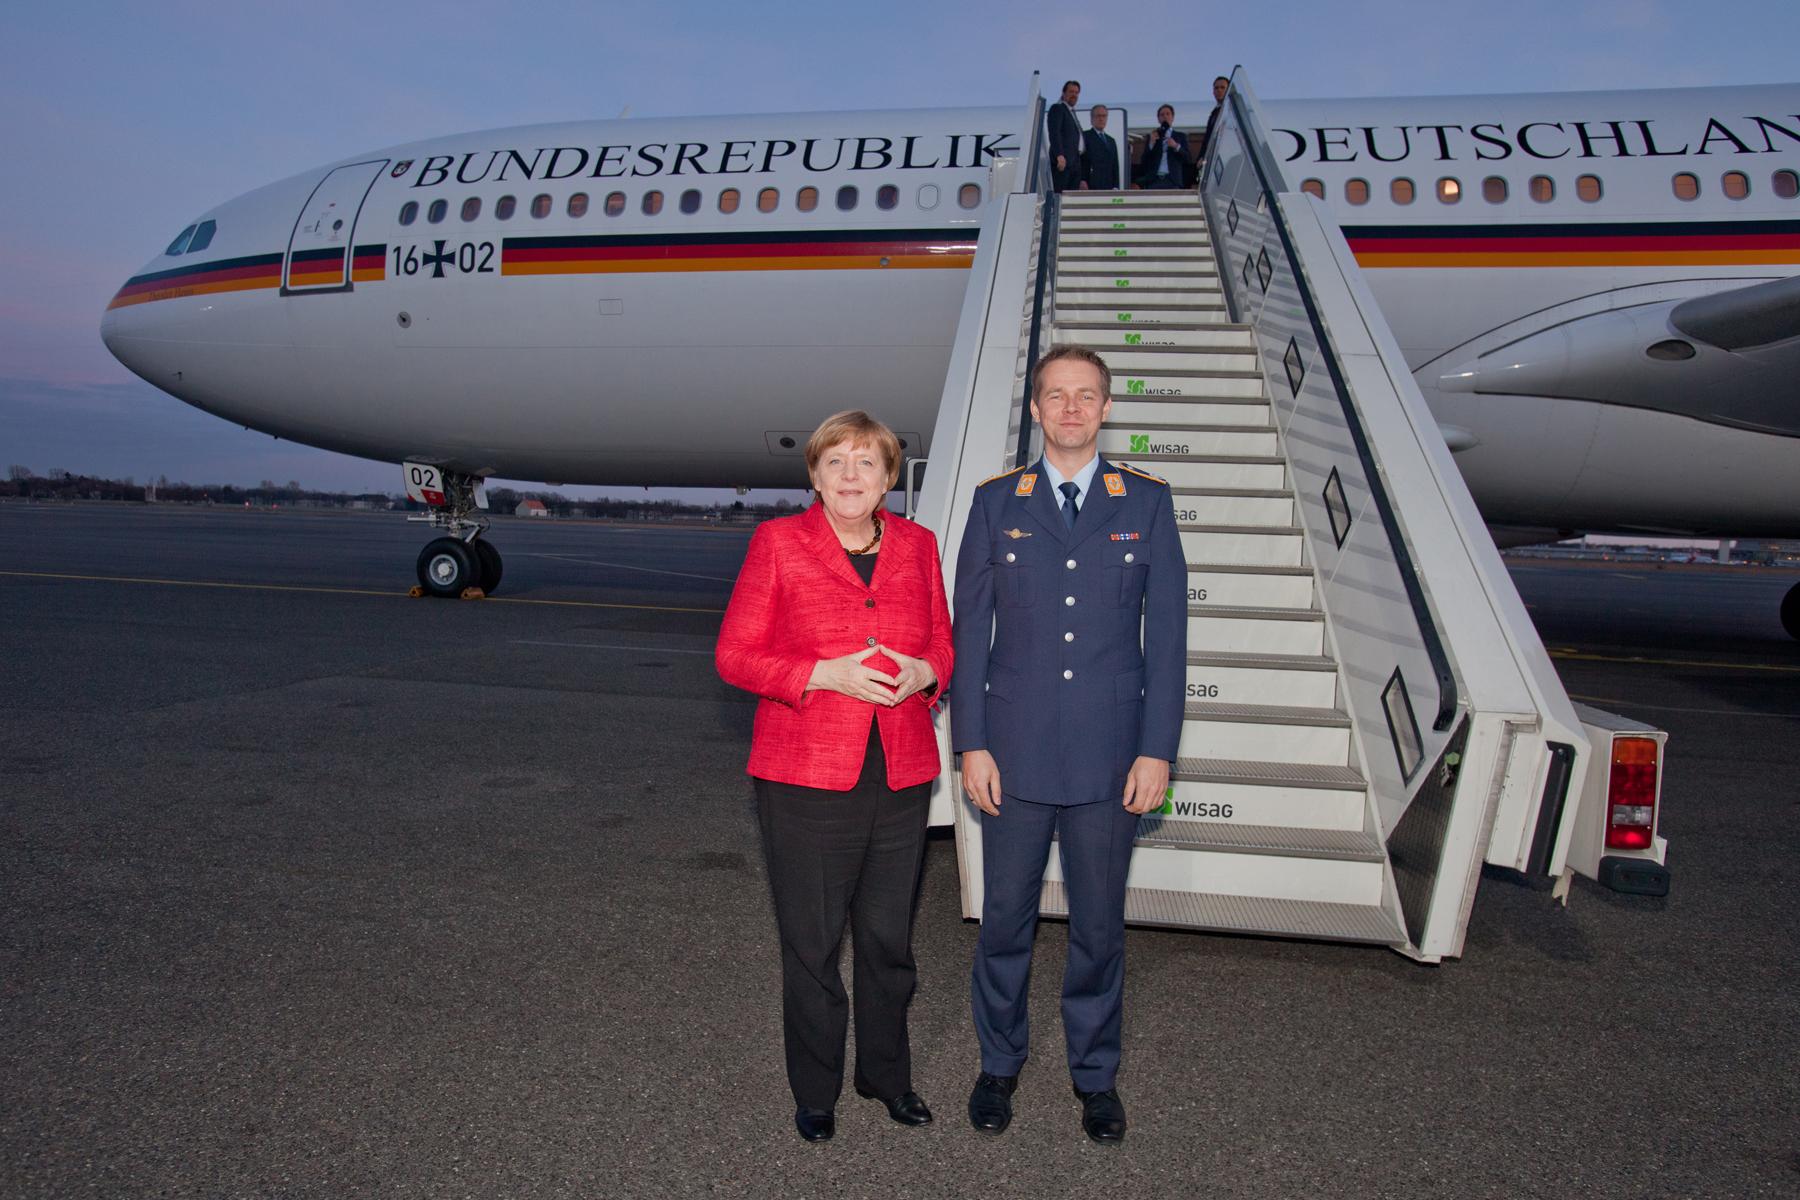 Kanzlerin Angela Merkel beim Empfang am A340 der Flugbereitschaft BMVg in Berlin Tegel am 16.03.2017.